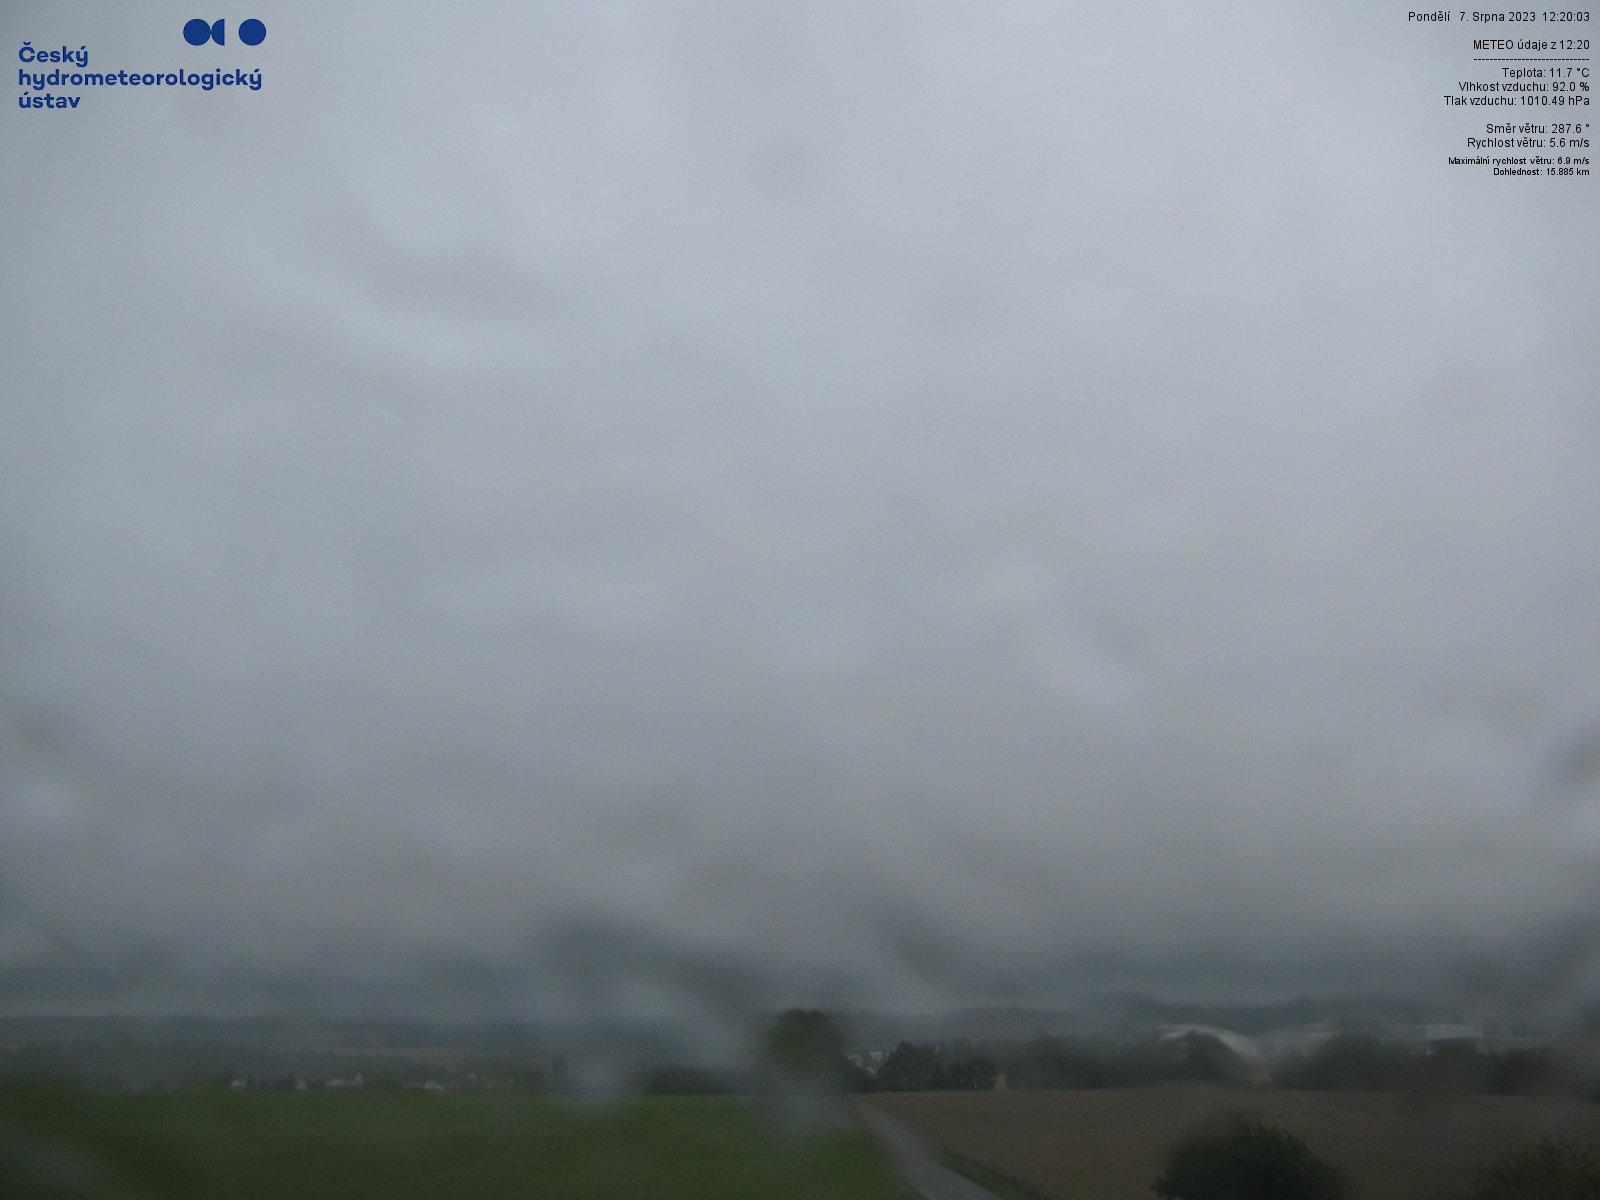 Webcam - Přibyslav